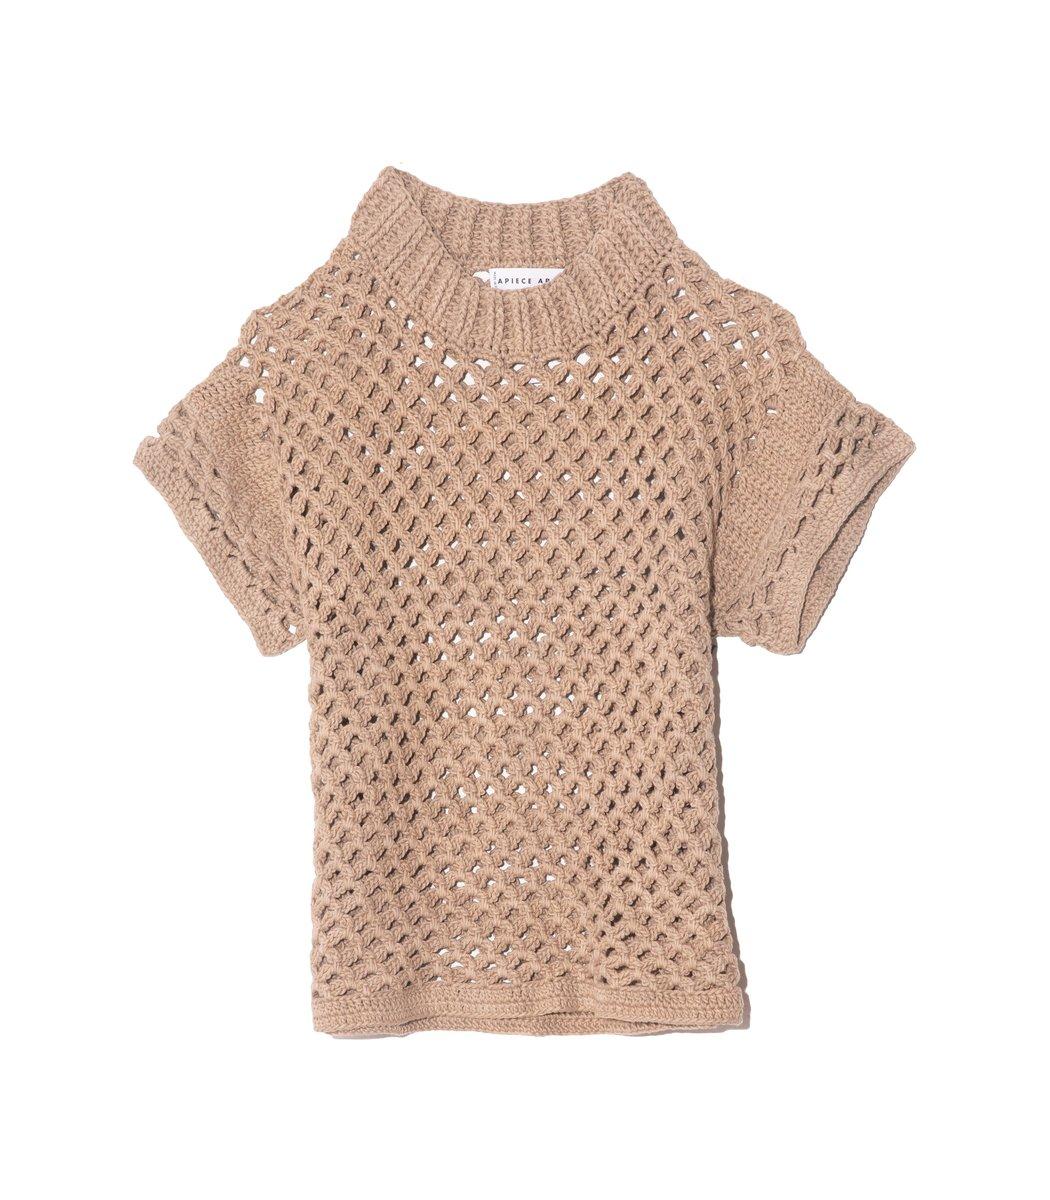 APIECE APART Ami Cropped Net Knit Top in Au Lait